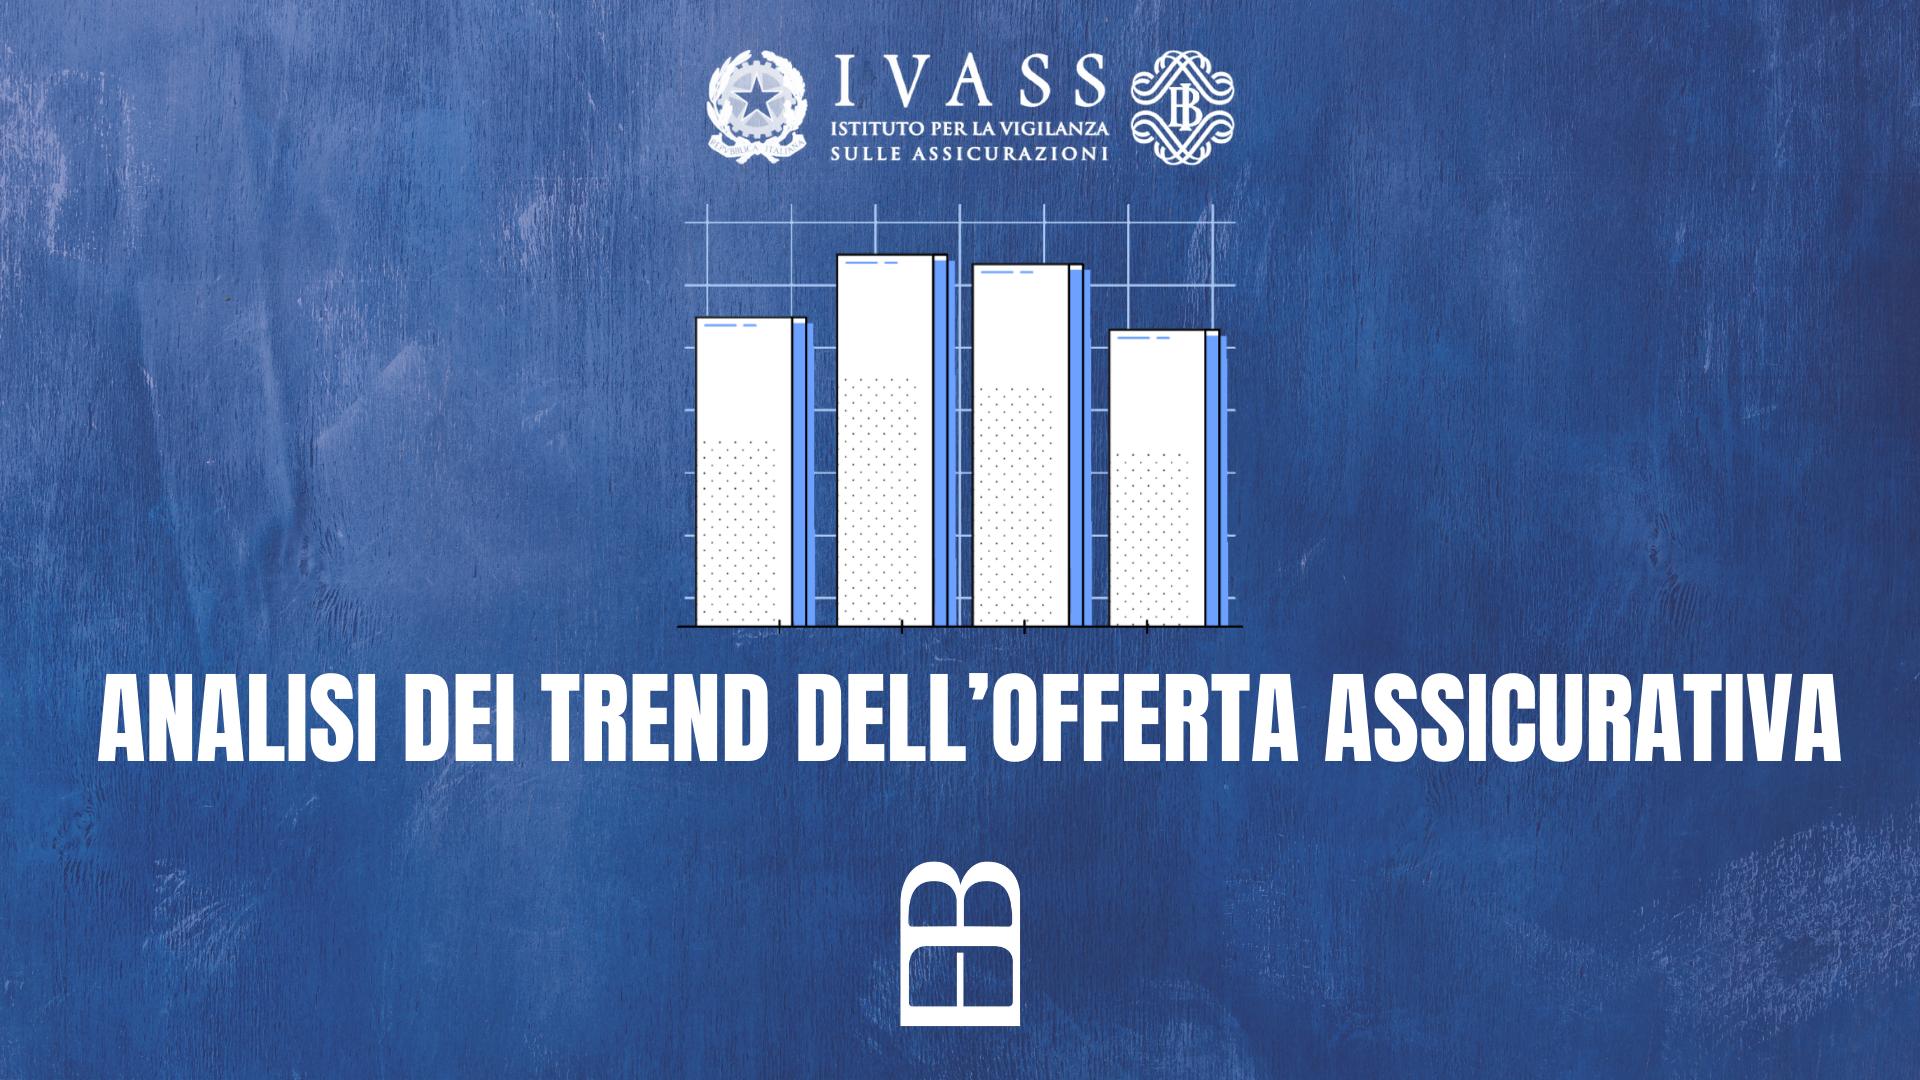 analisi dei trend dell'offerta assicurativa ivass